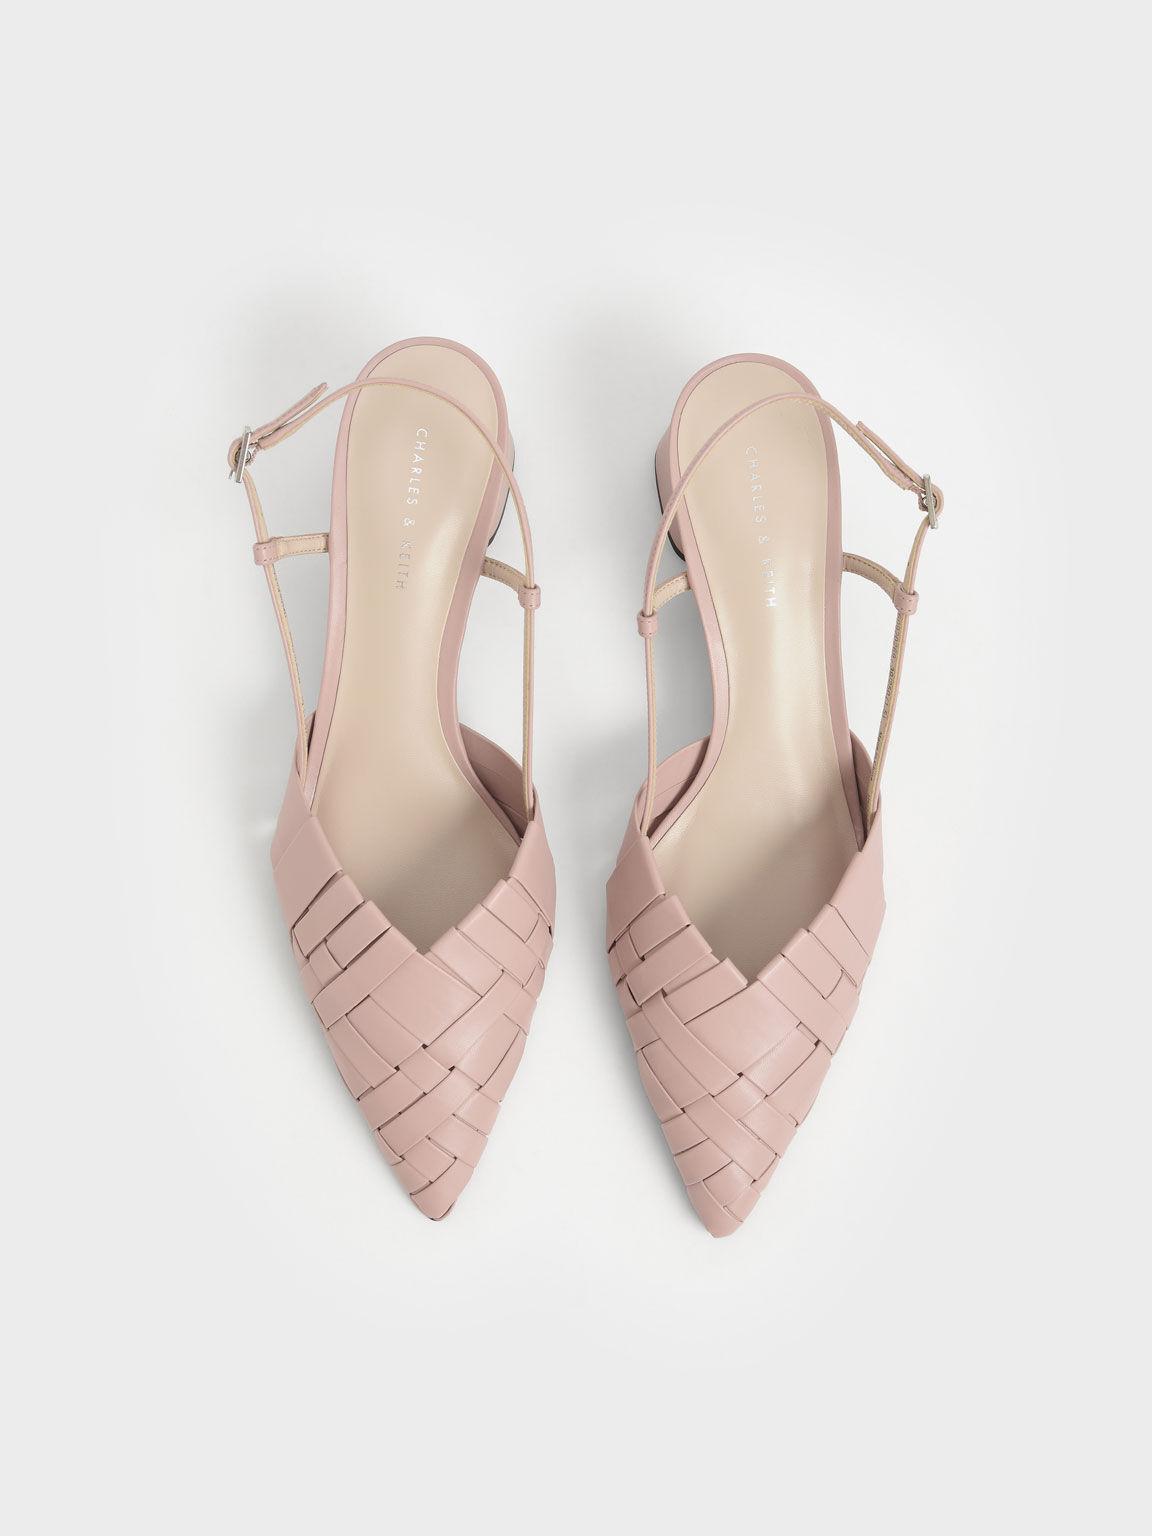 編織尖頭粗跟鞋, 淺粉色, hi-res